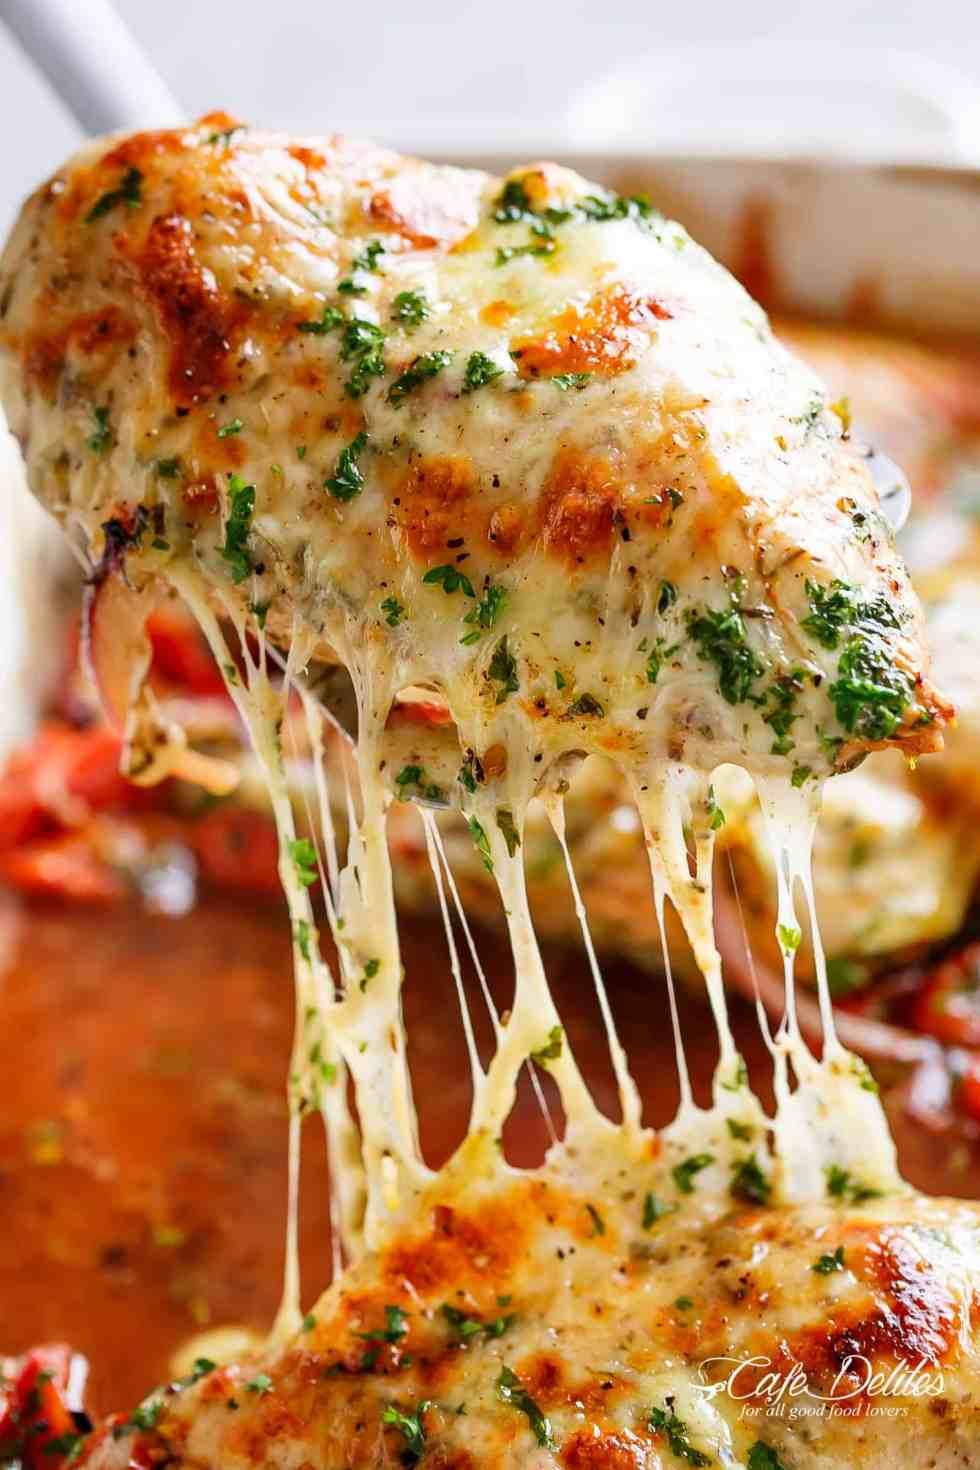 Balsamico Gebackene Hähnchenbrust gerieben mit Knoblauch und Kräutern, tropfend mit einer Tomaten Balsamico Sauce und geschmolzenem Mozzarella Käse! | https://cafedelites.com